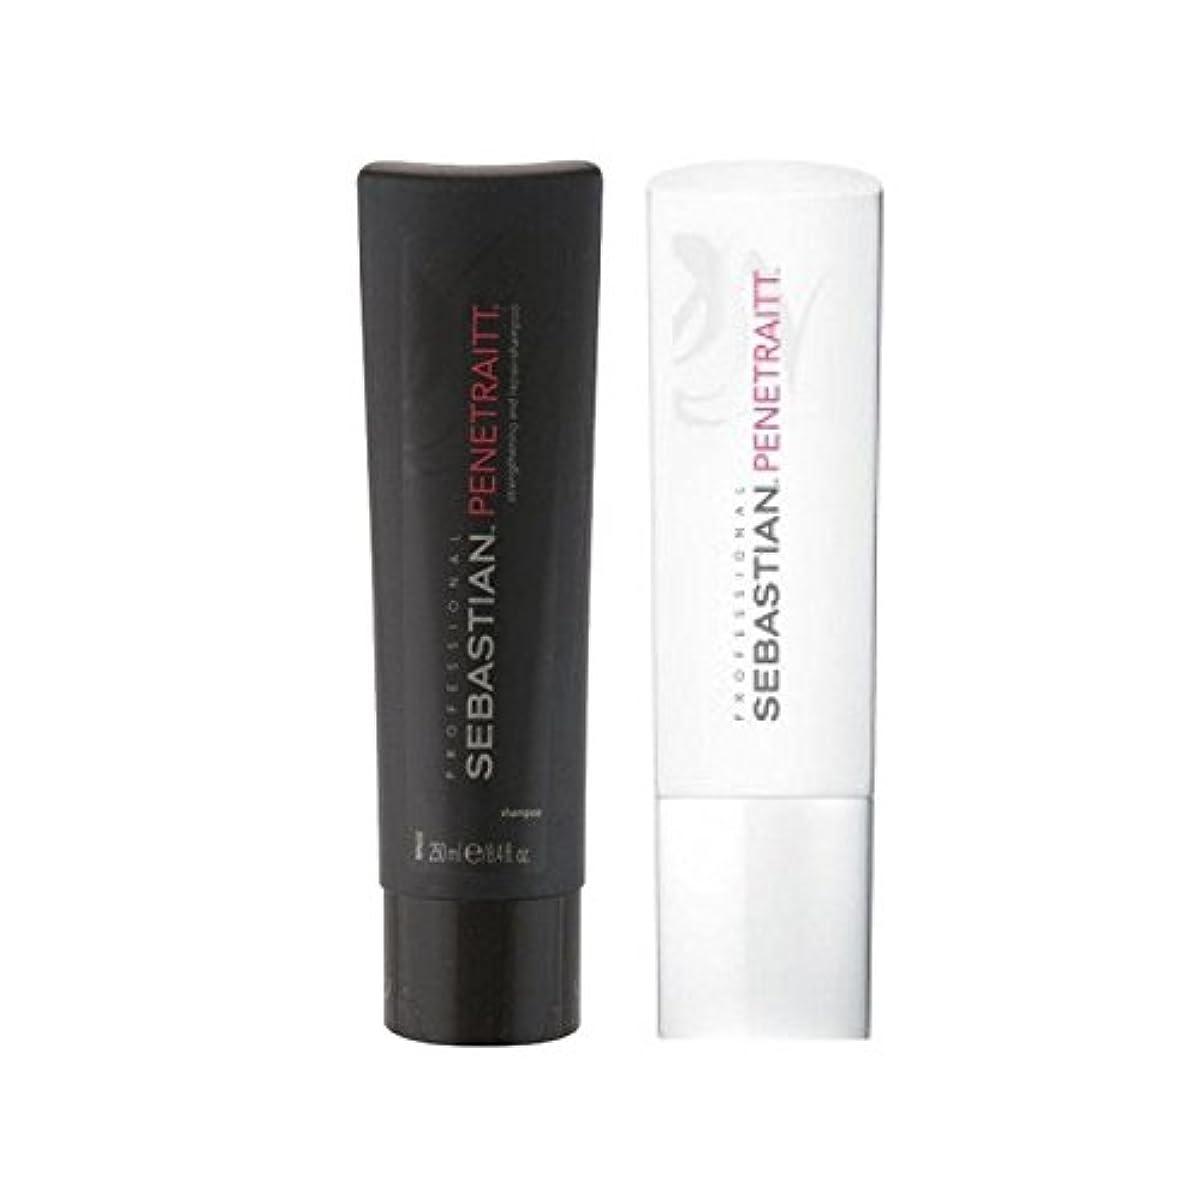 環境ワゴンメロディアスSebastian Professional Penetraitt Duo - Shampoo & Conditioner - セバスチャンプロデュオ - シャンプー&コンディショナー [並行輸入品]